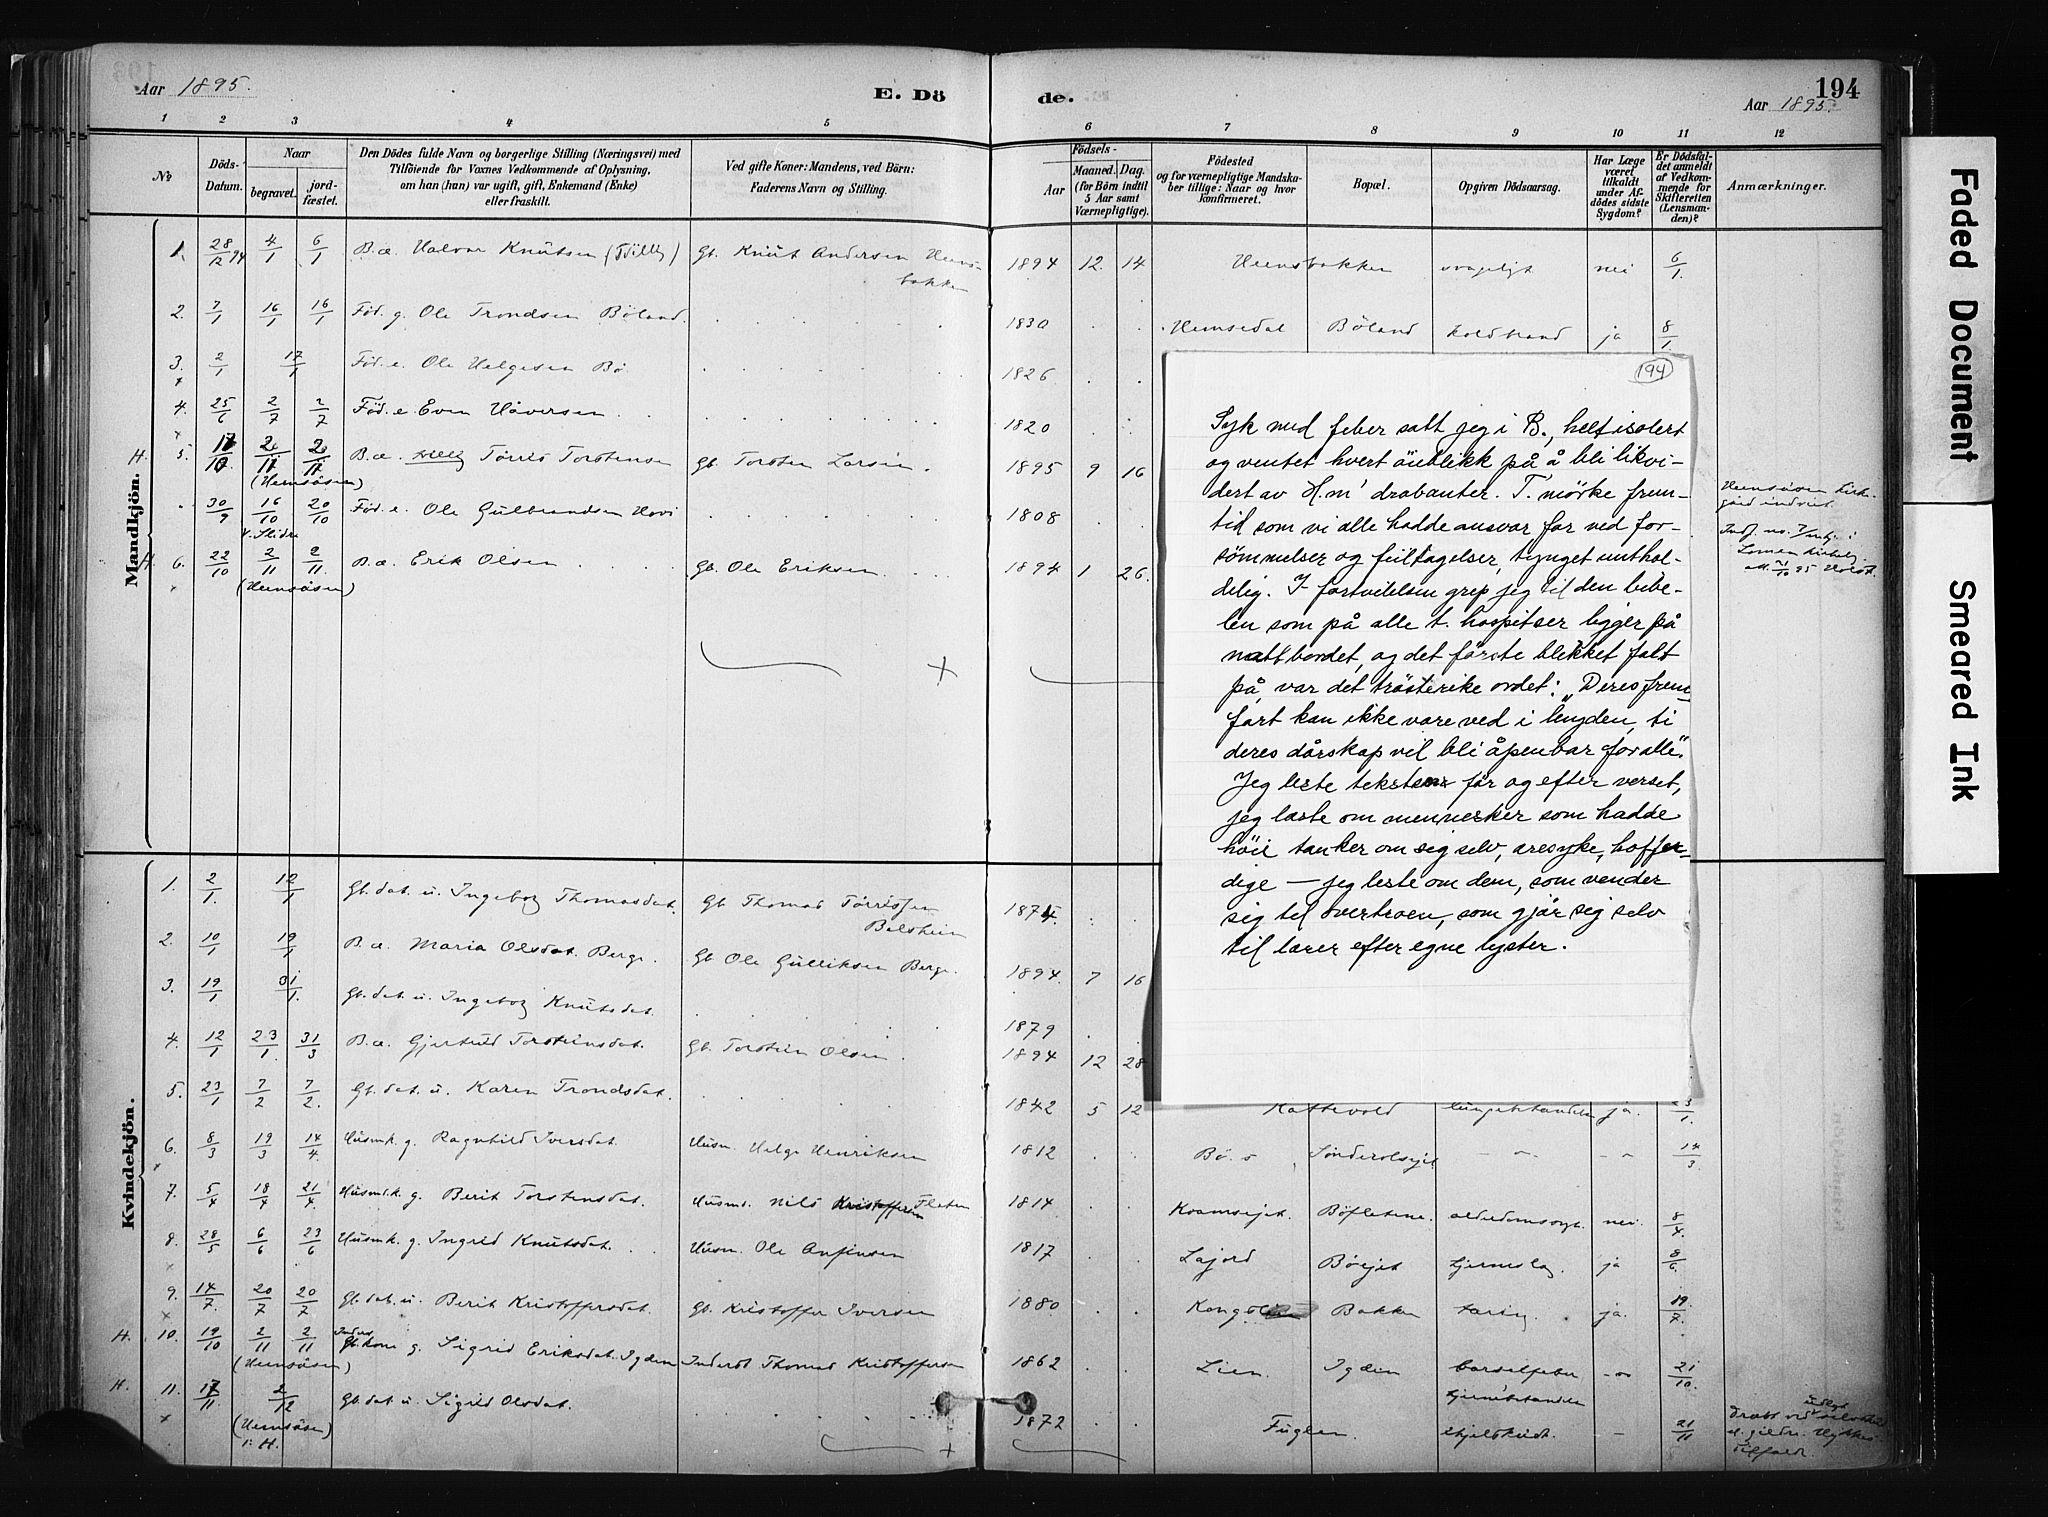 SAH, Vang prestekontor, Valdres, Ministerialbok nr. 8, 1882-1910, s. 194